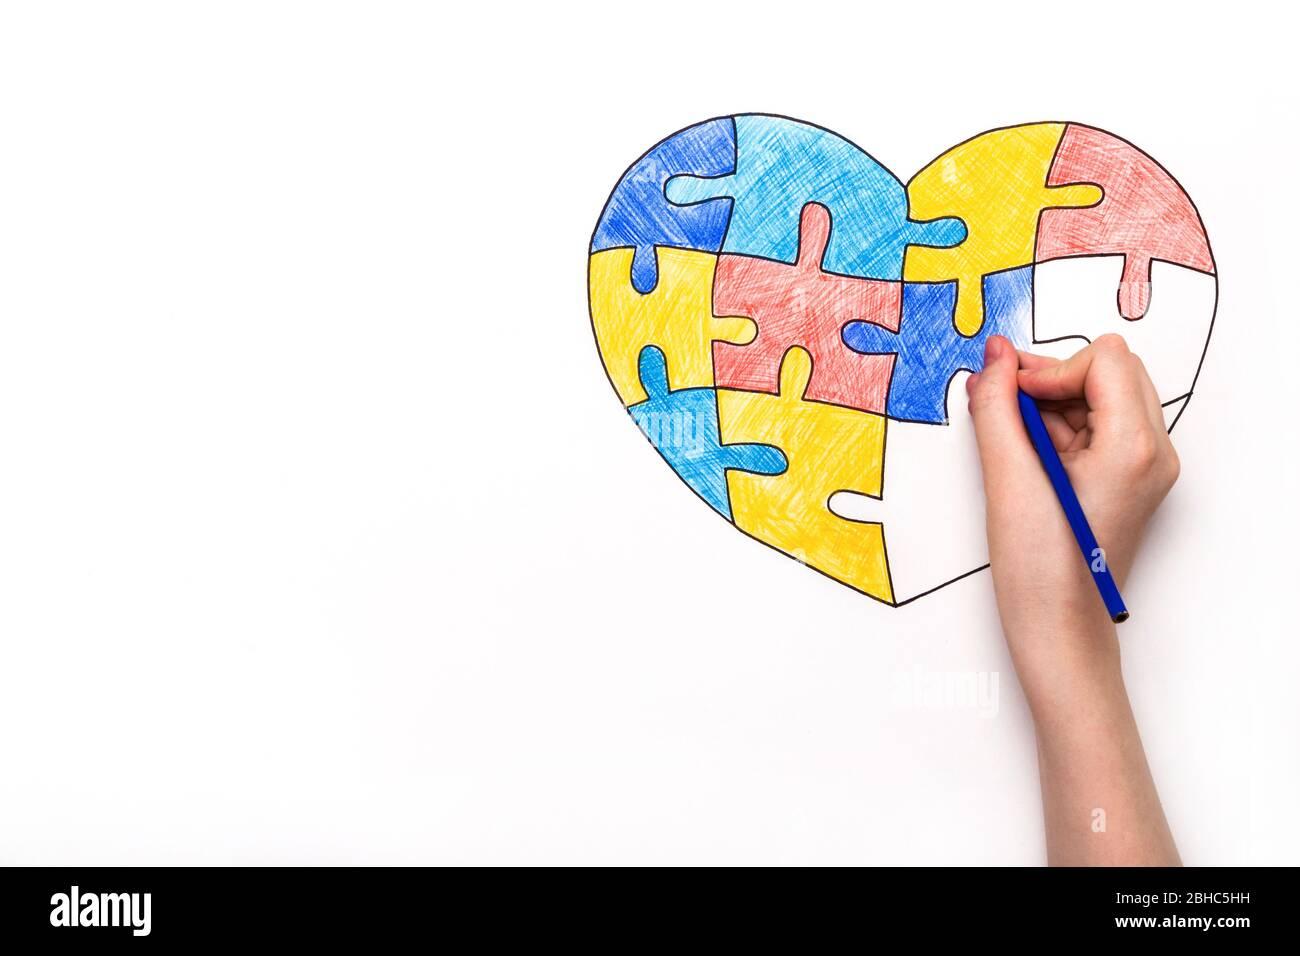 Día Mundial de la conciencia del Autismo. La mano de los niños dibuja el corazón de rompecabezas multicolor. Concepto de atención de salud mental. Foto de stock